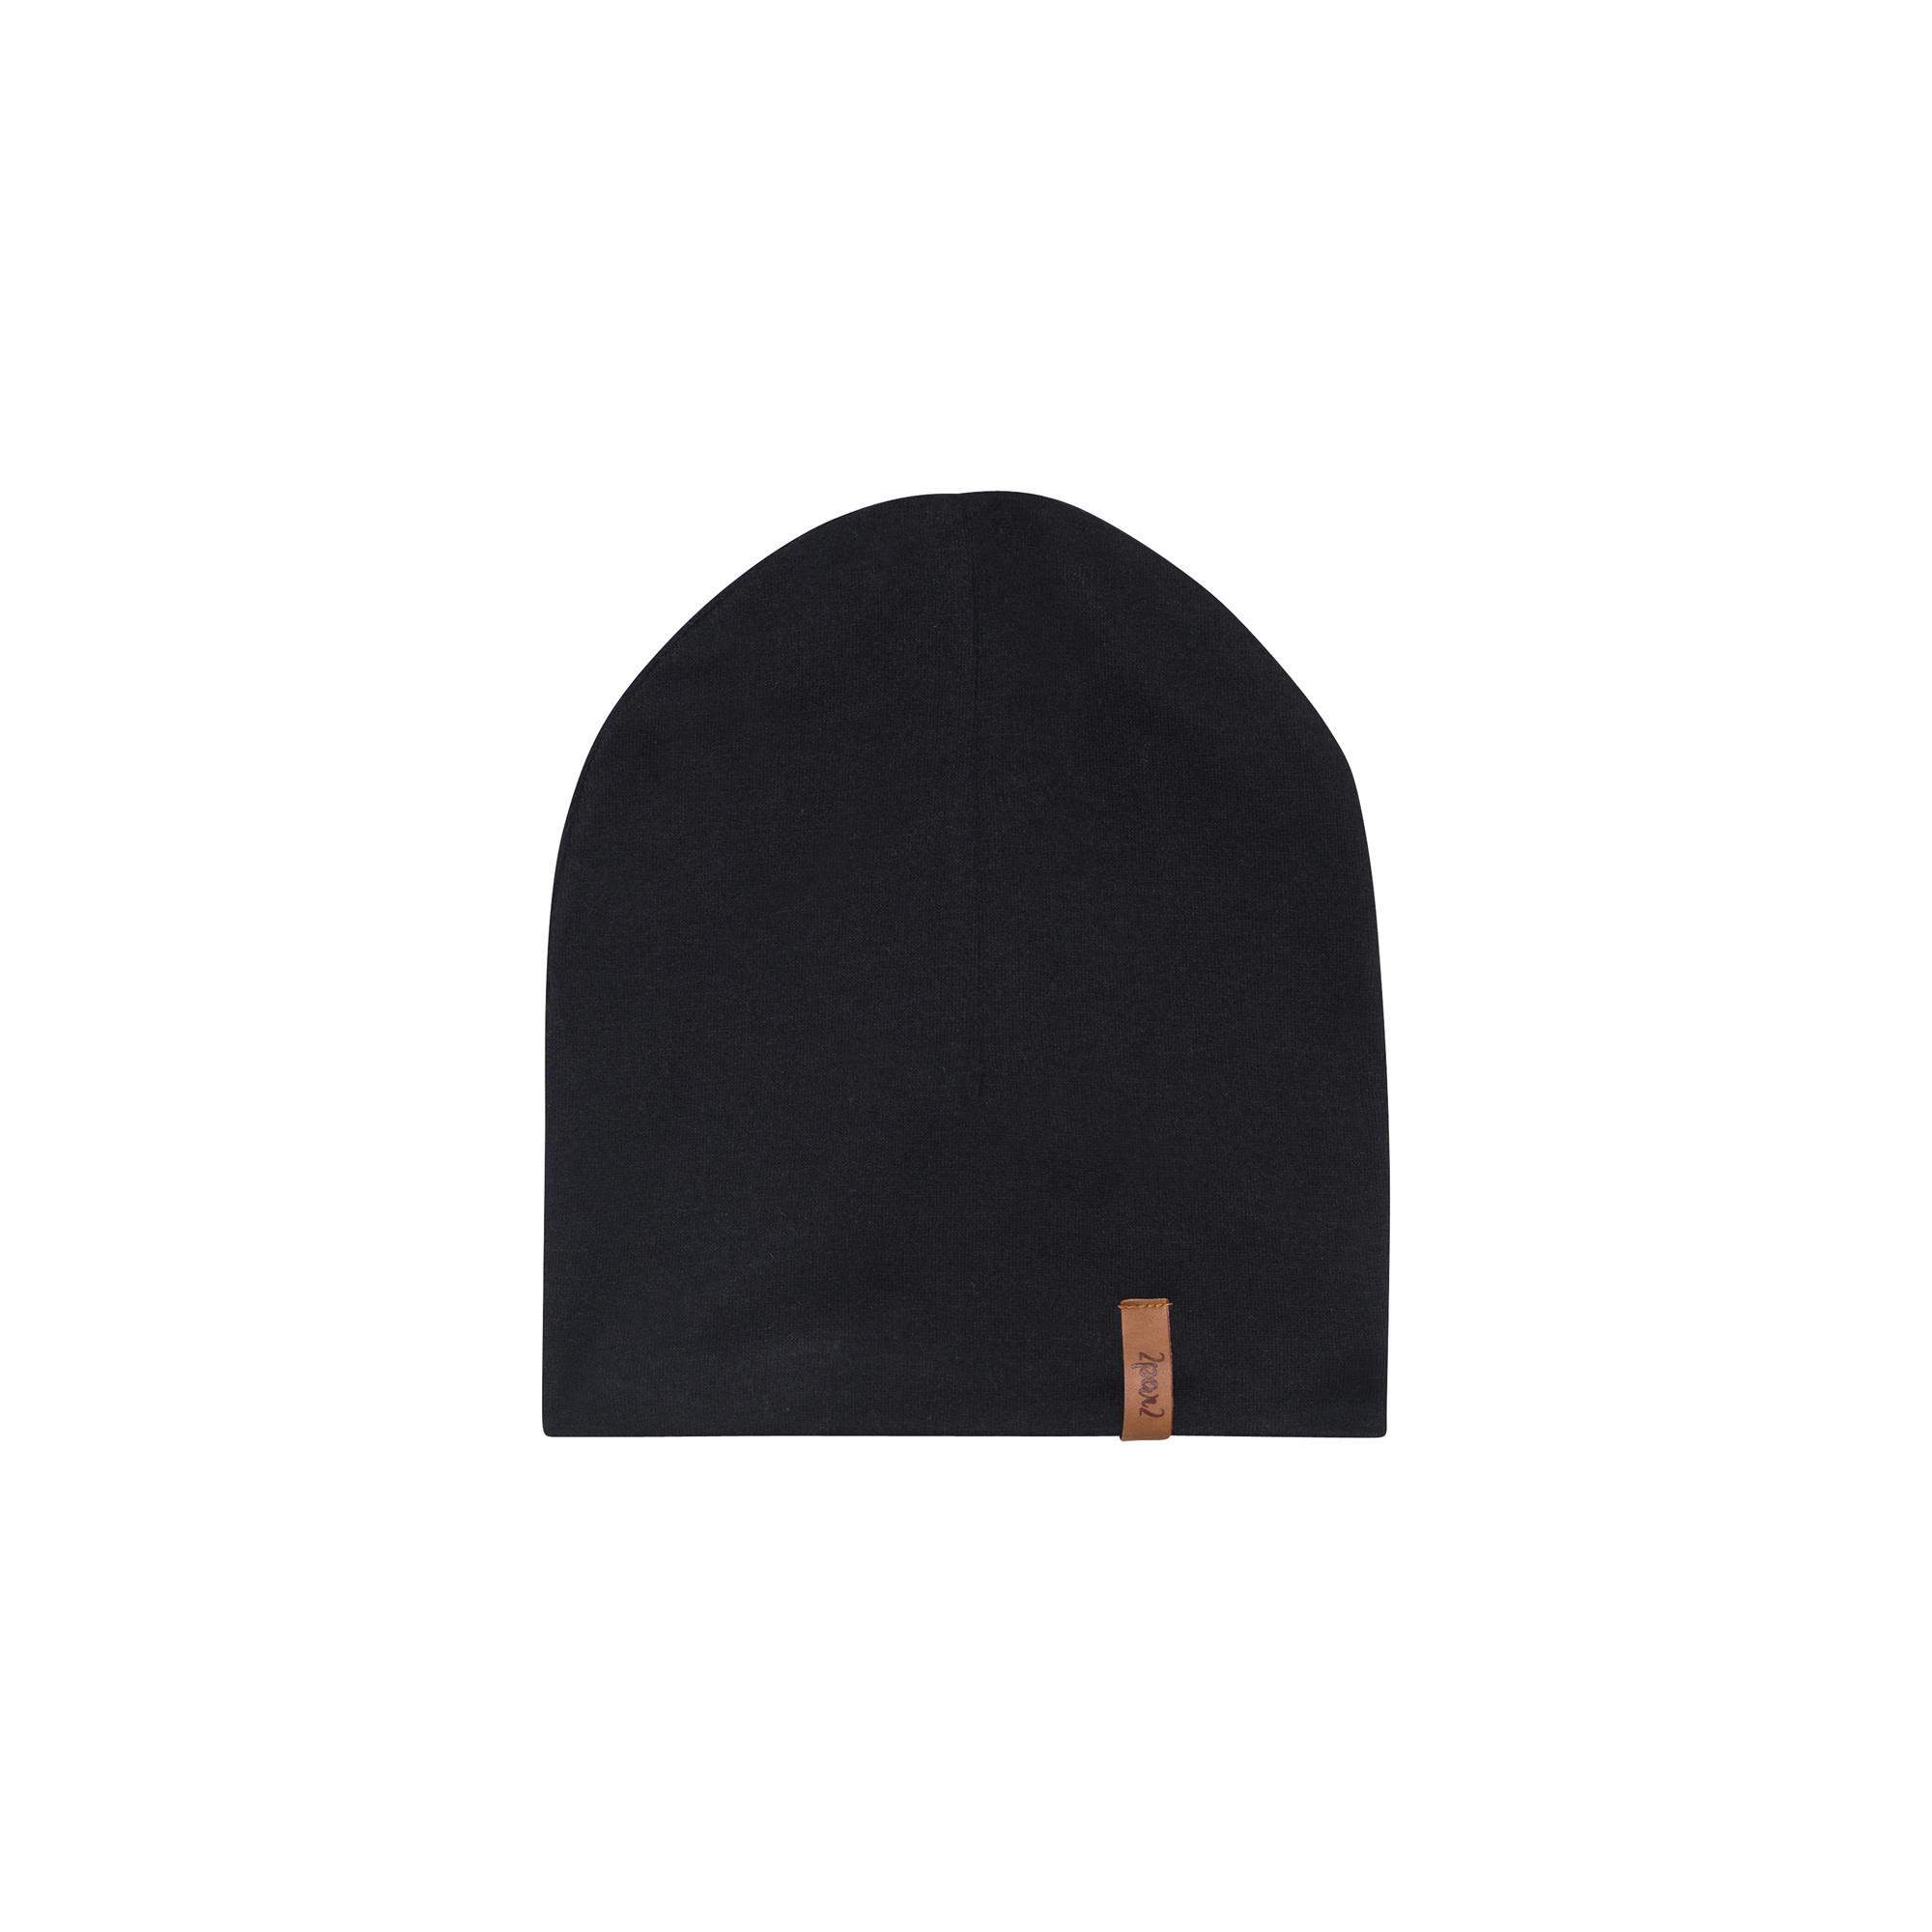 Bonnet Noir-1